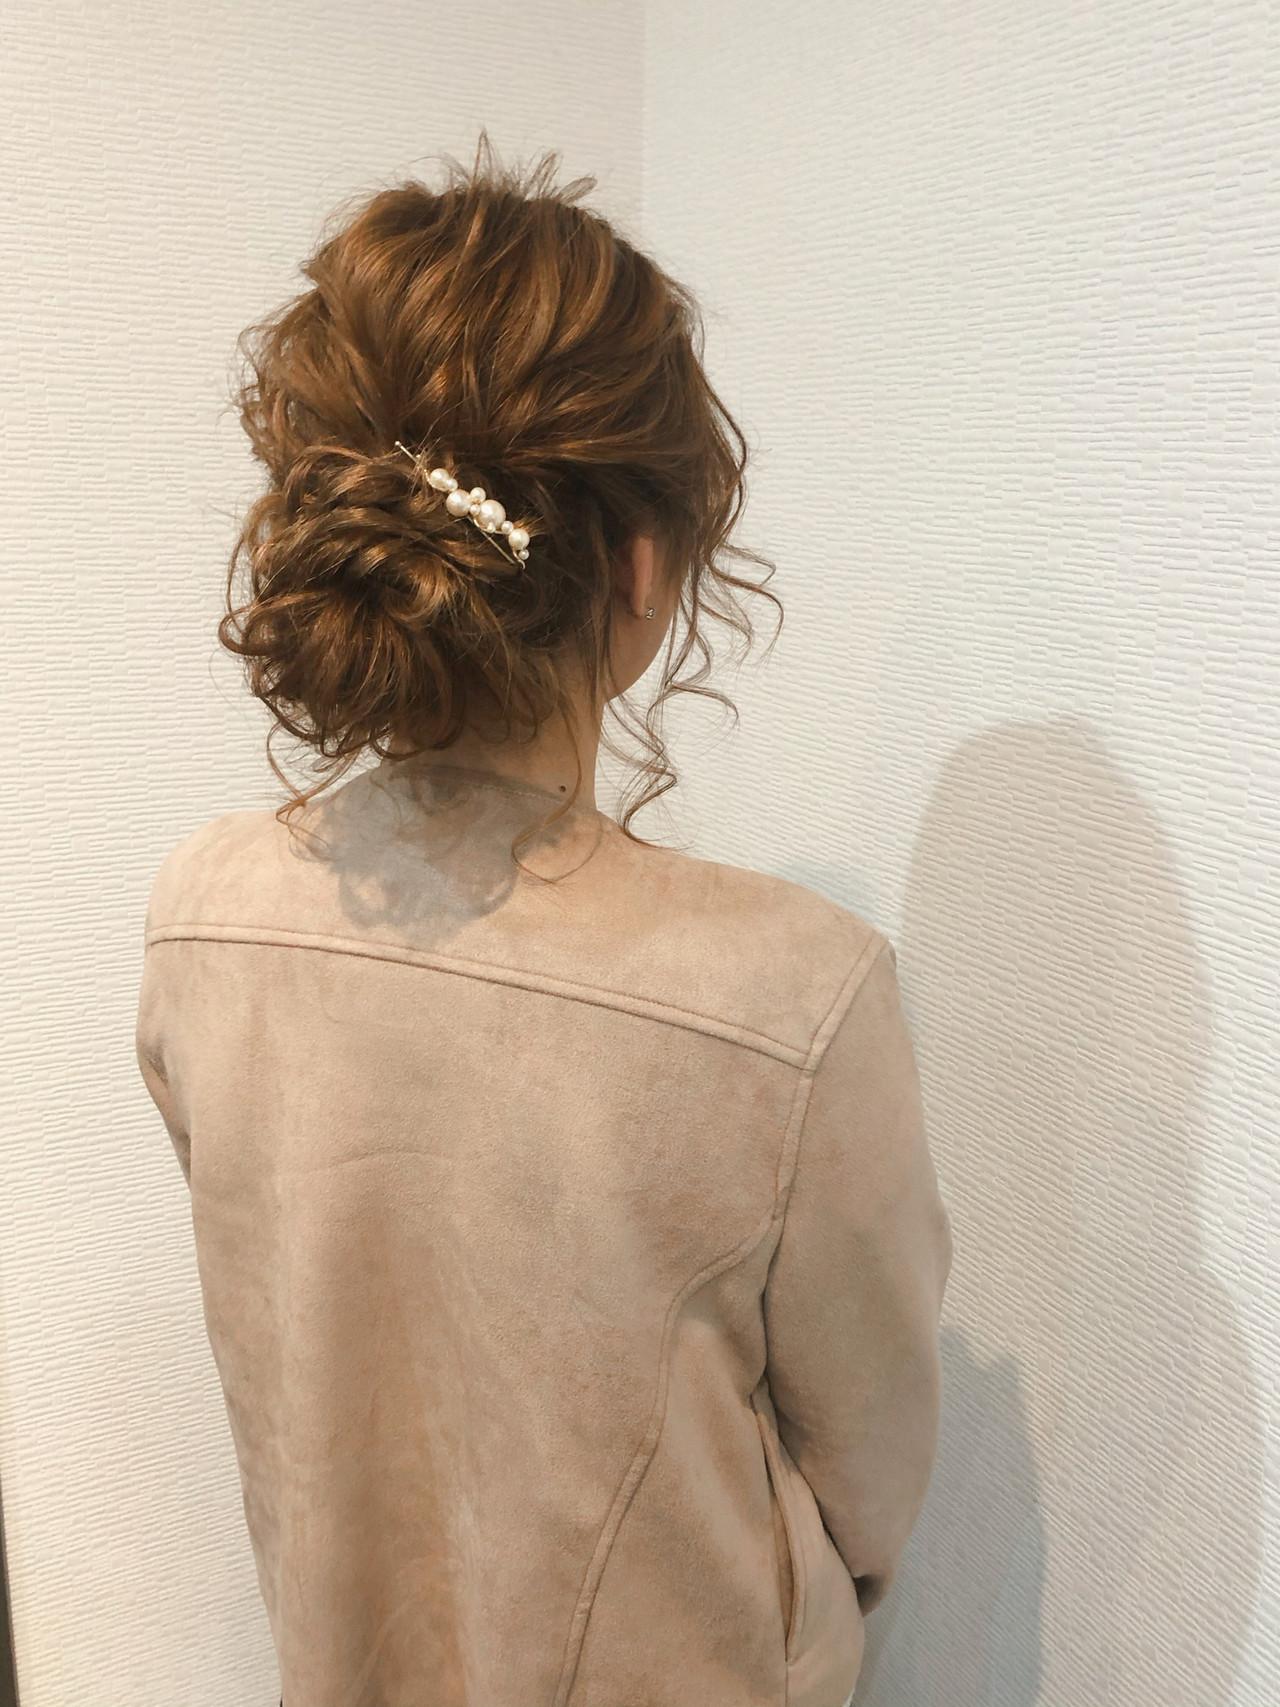 ヘアセット ヘアアレンジ アップスタイル アップ ヘアスタイルや髪型の写真・画像